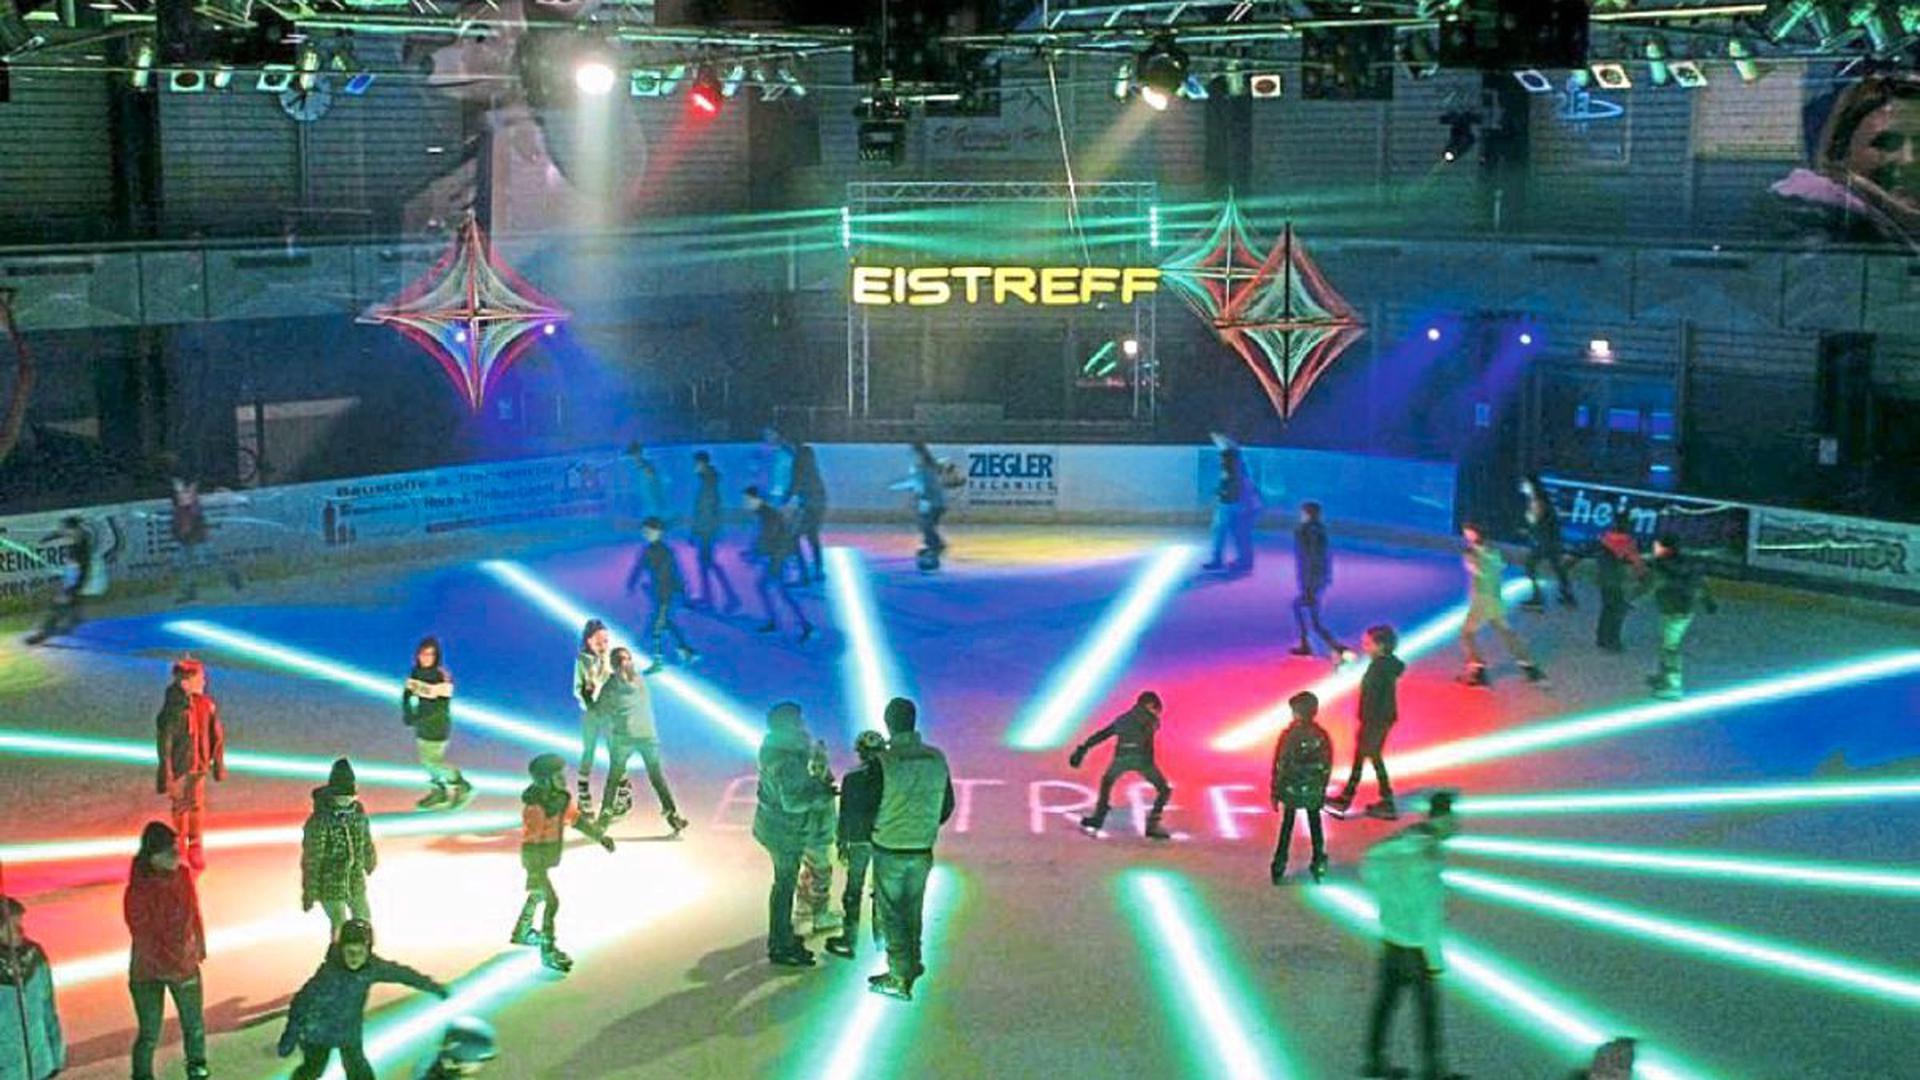 Auf dem Eis tummeln sich freitag- und samstagabends bei Eispartys viele Jugendliche, für die der Eistreff Waldbronn fester Anlaufpunkt Woche für Woche ist. Man trifft sich, bewegt sich, hat Spaß.